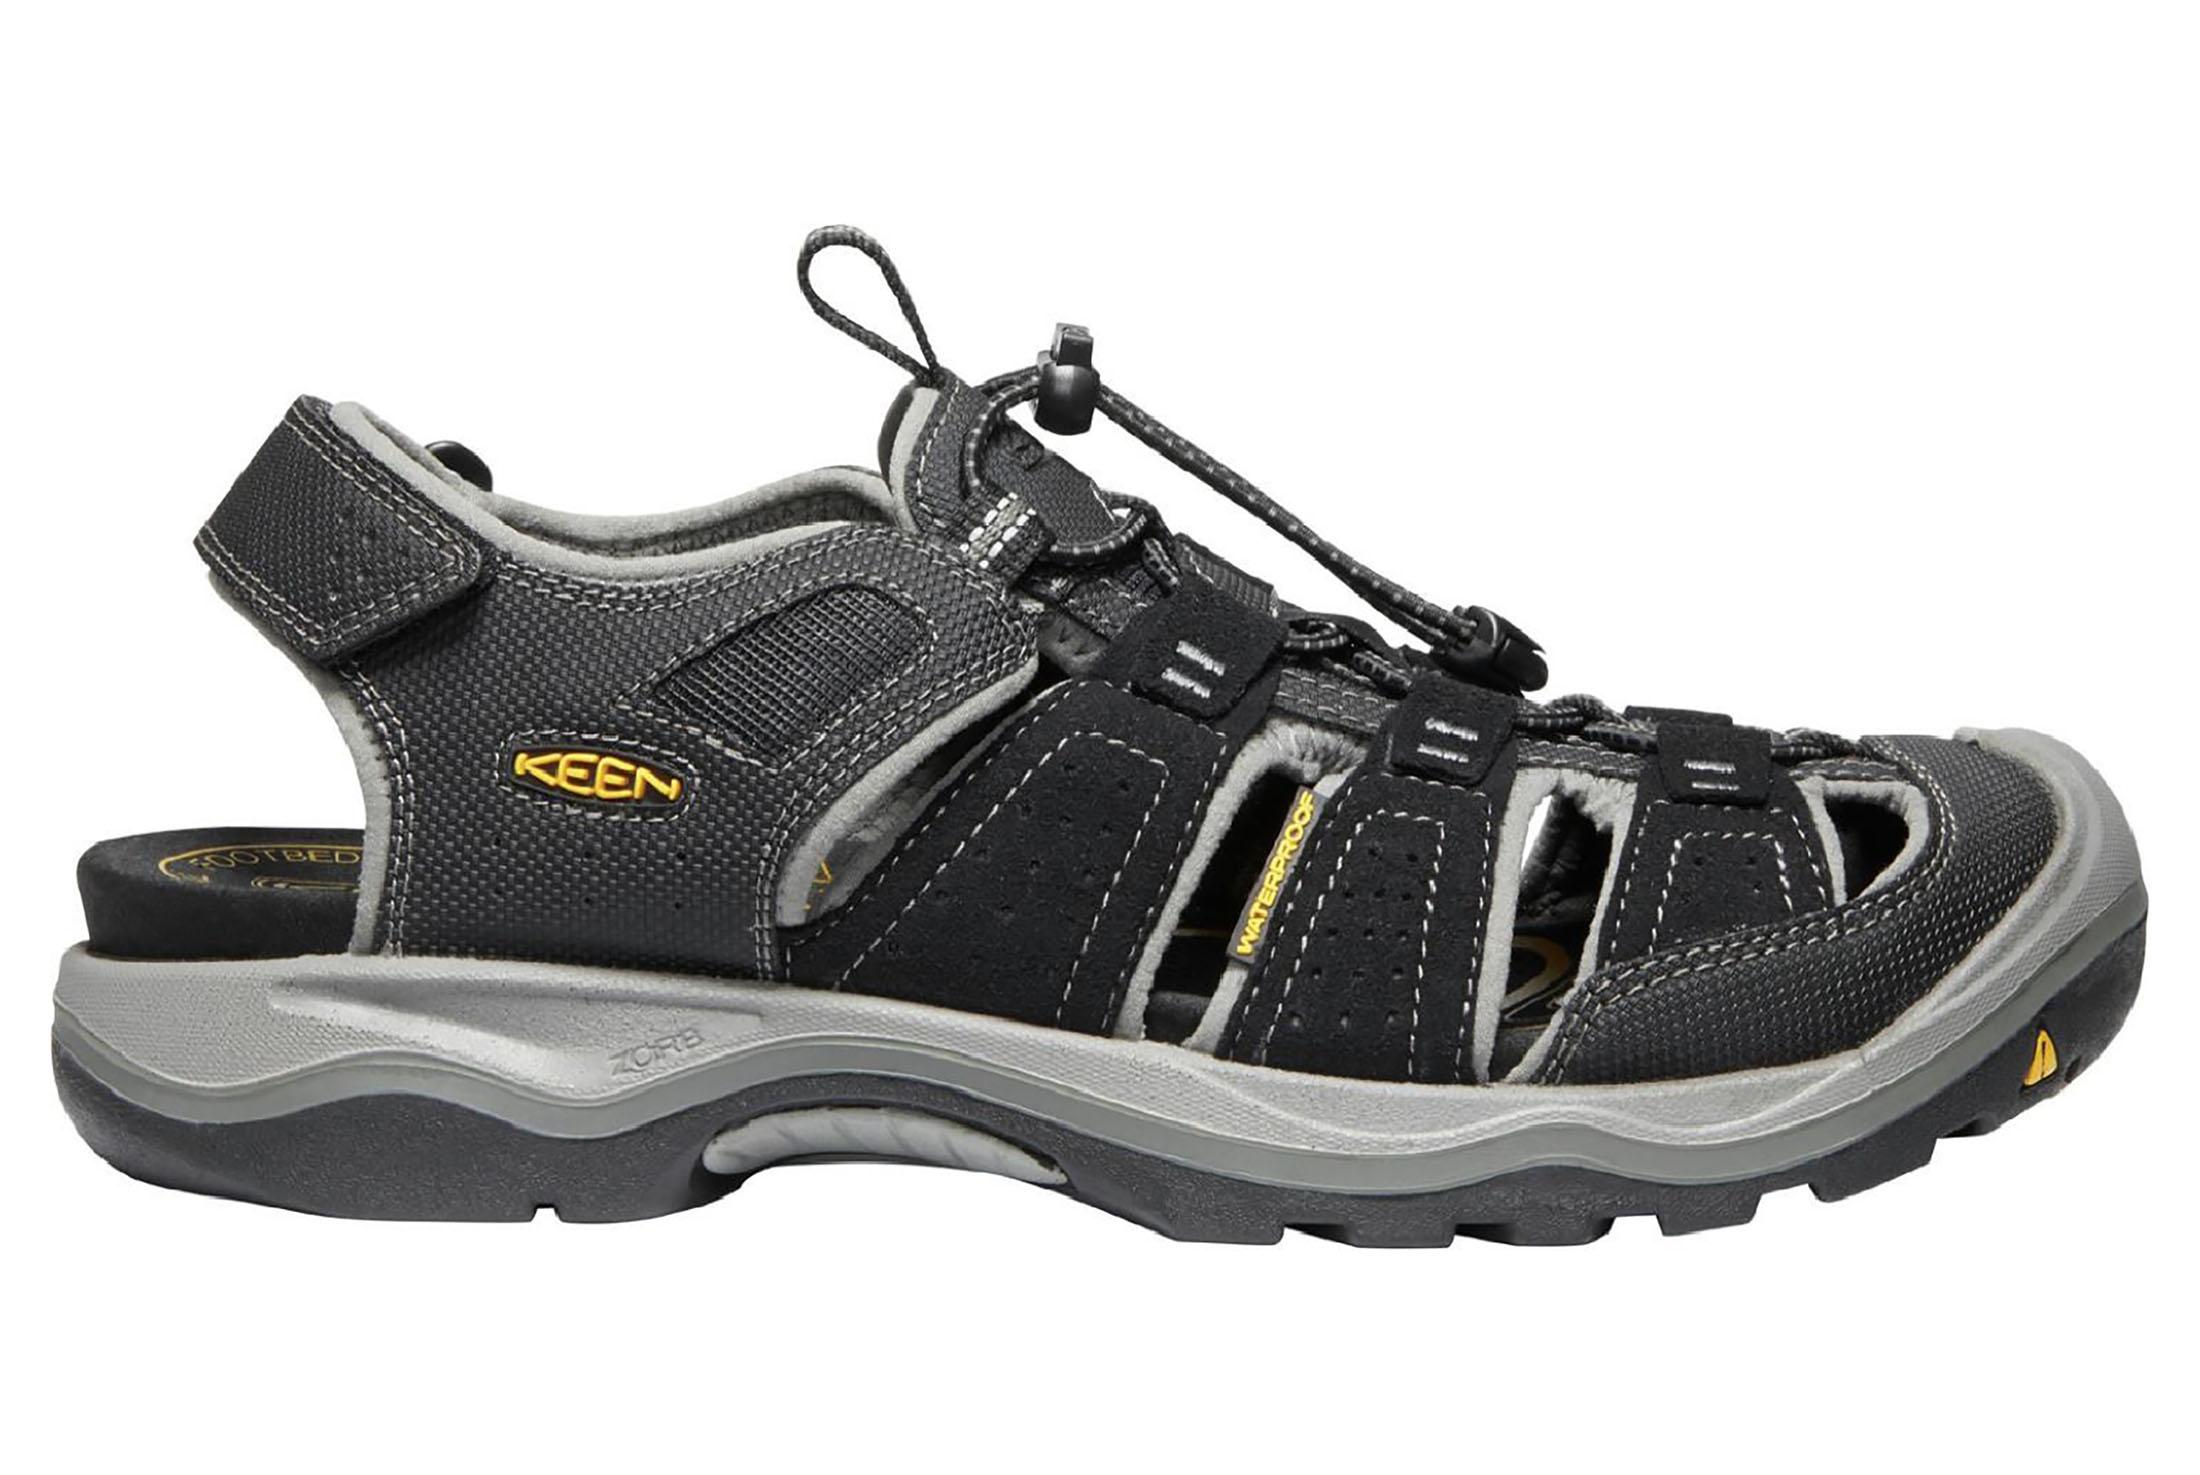 KEEN Rialto II H2 Sandals